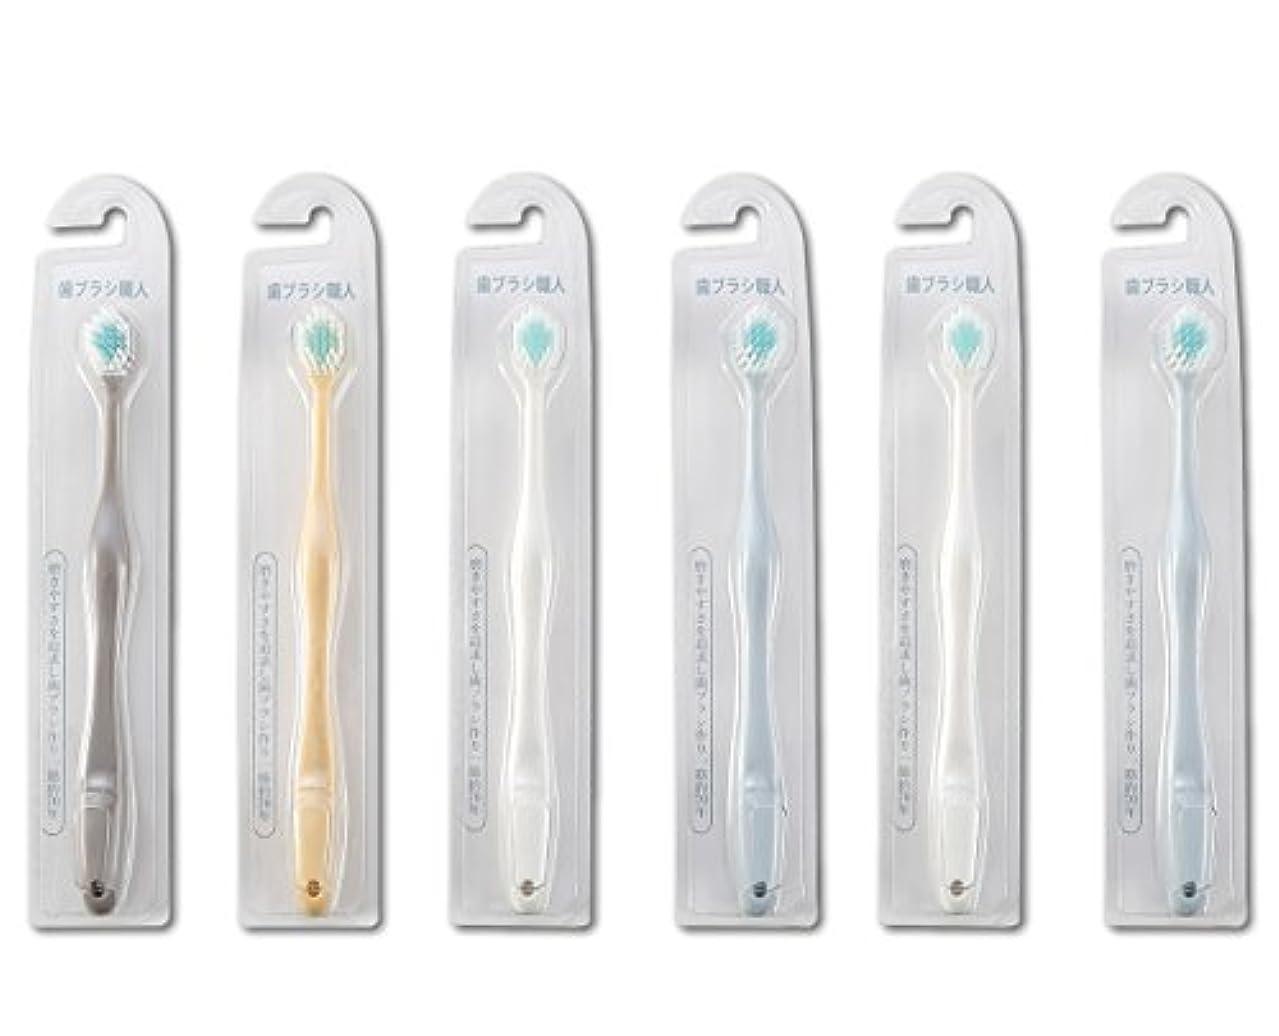 退屈させるピカリングマイクロ歯ブラシ職人Artooth ® 田辺重吉 磨きやすい歯ブラシ ワイド 6列レギュラー AT-30 (6本組)